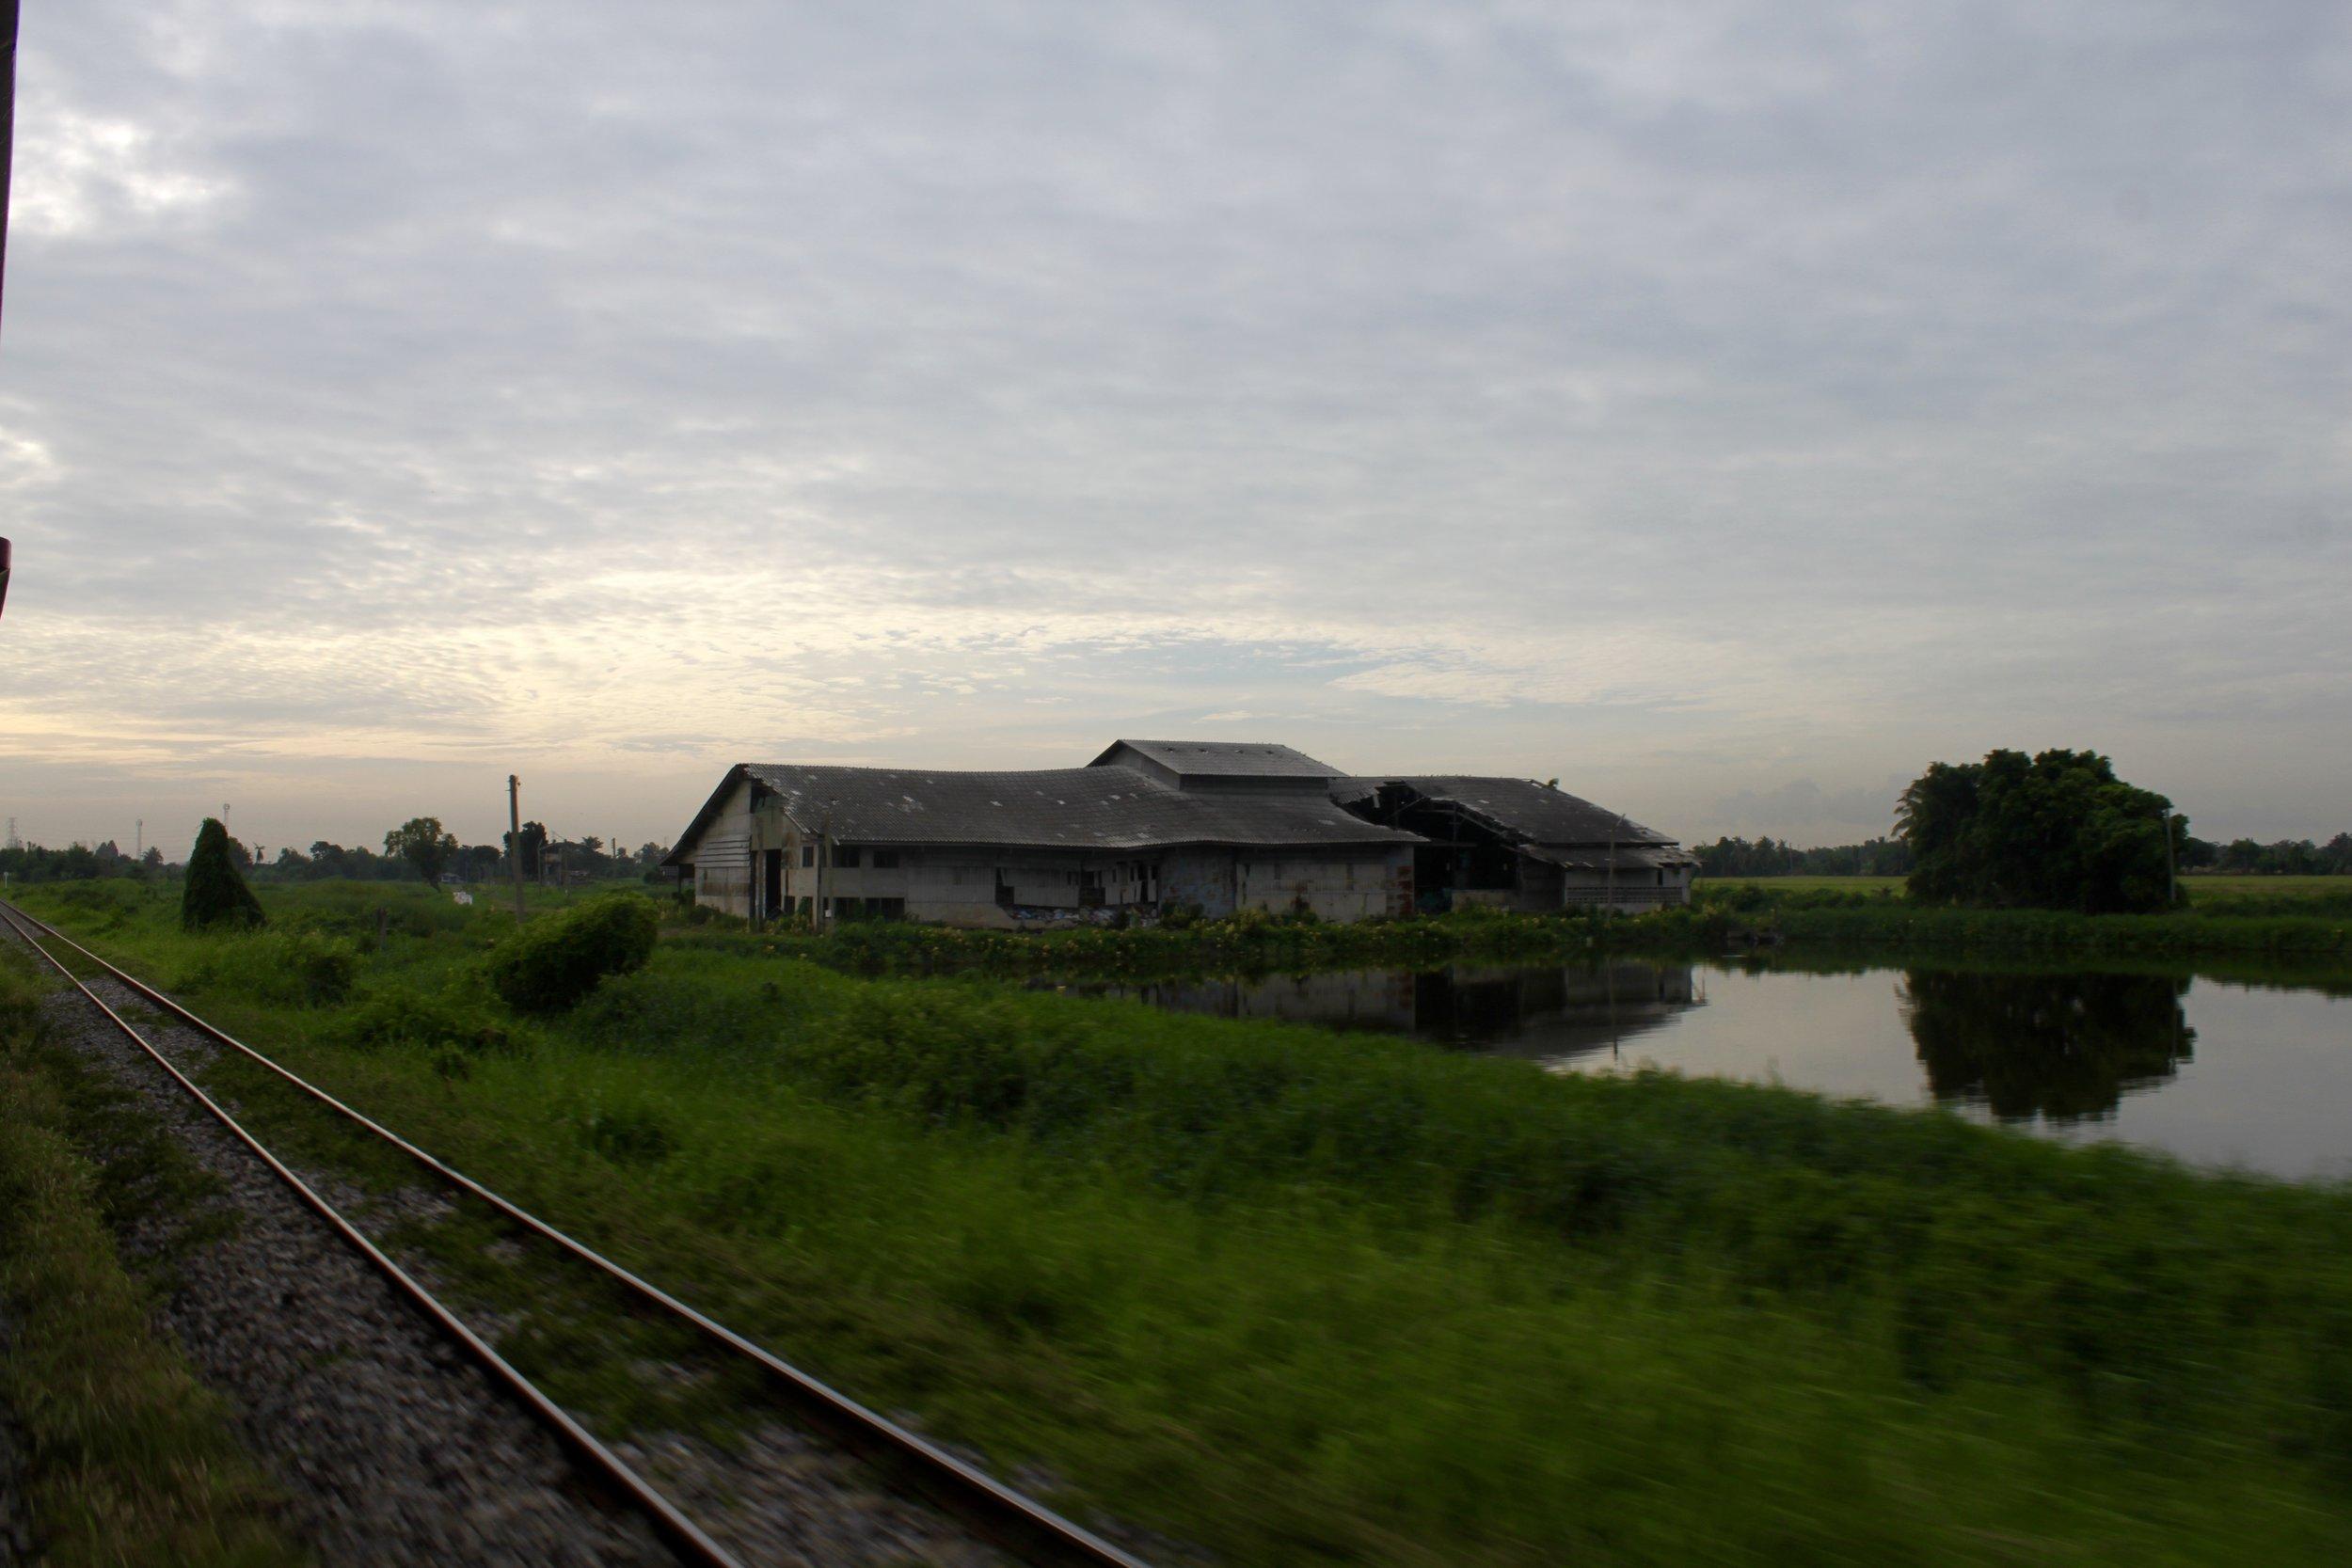 Train Views from Bangkok to Cambodia